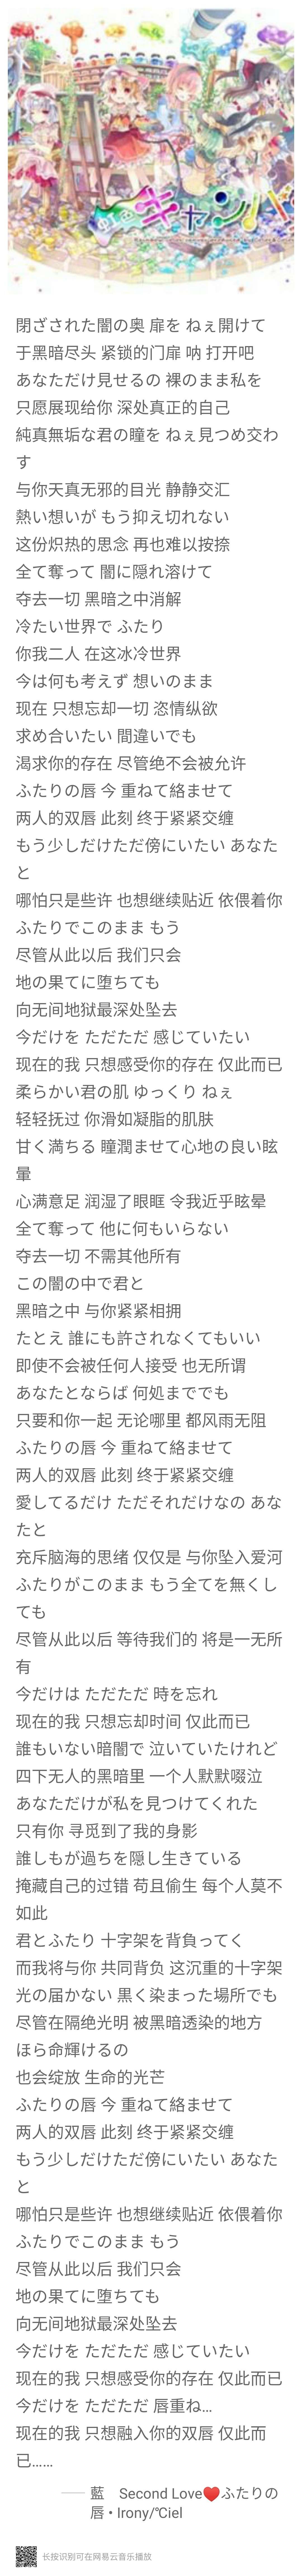 【音乐】藍 Second Loveふたりの唇(原曲:少女さとり